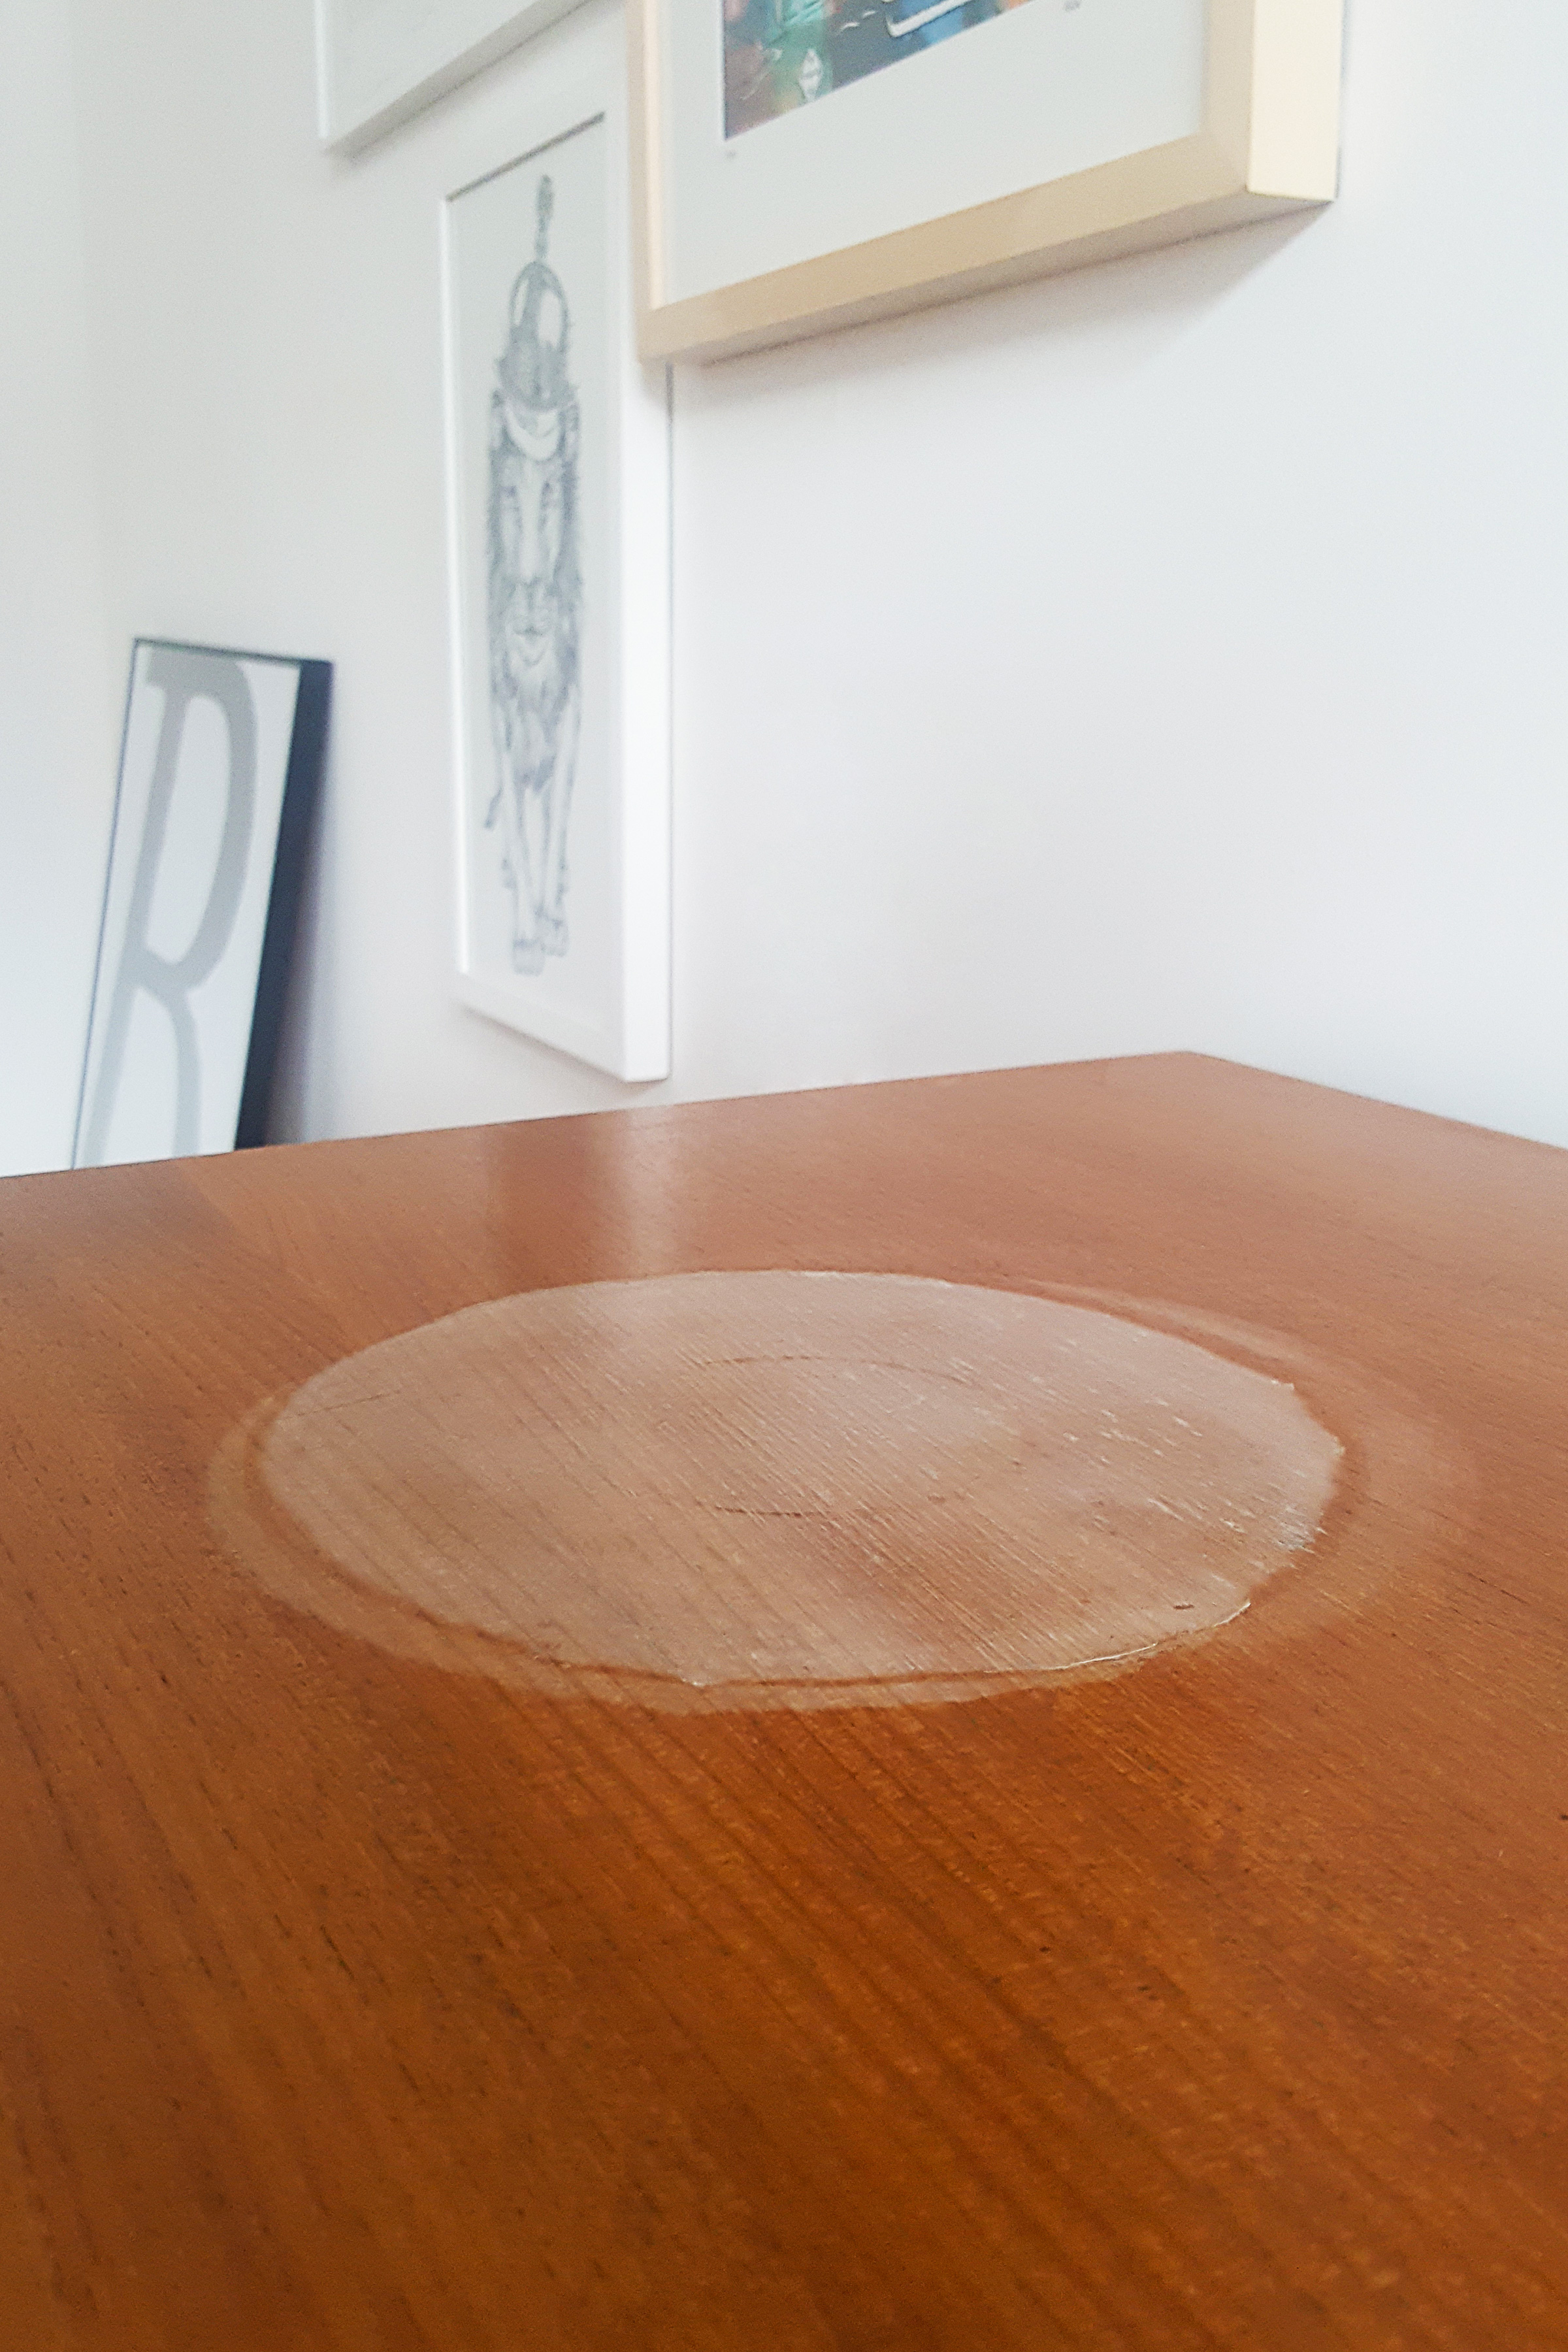 5 sposobów na usunięcie białych odbarwień na meblach